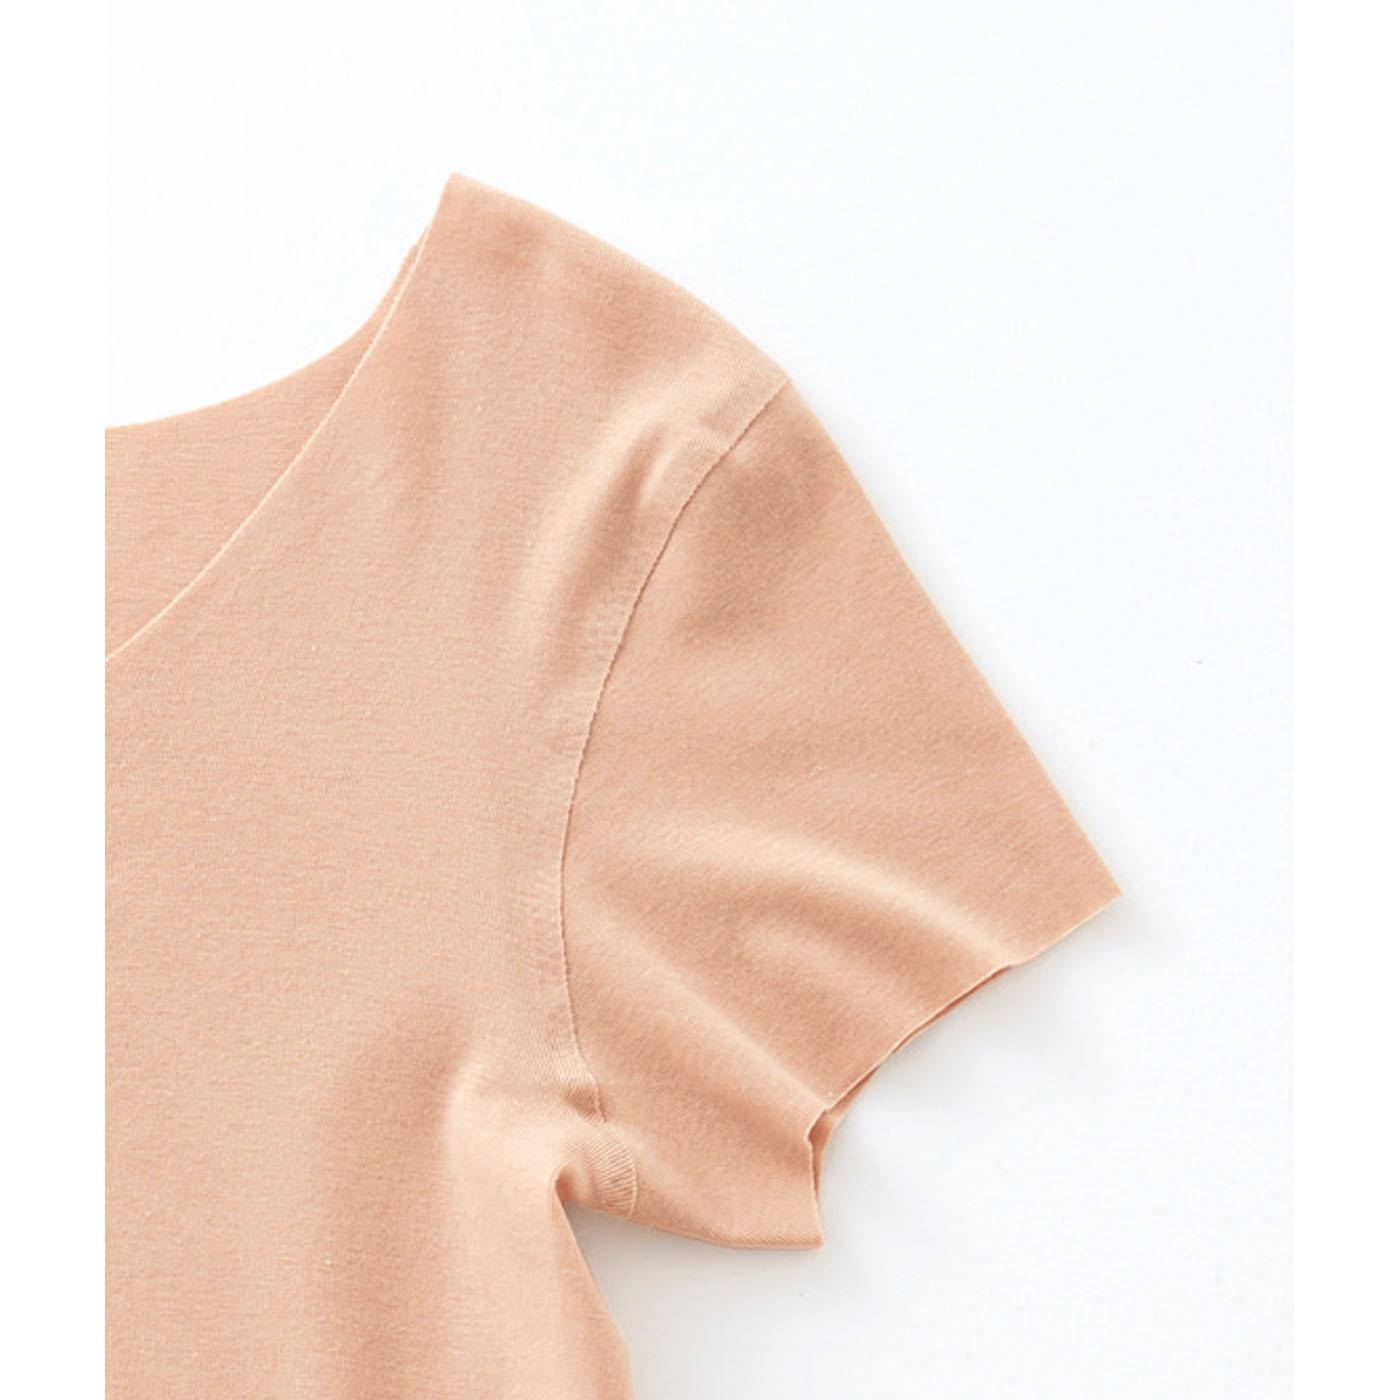 肌への負担が少ない縫い目のない接着仕様。(※完全無縫製(R))※完全無縫製(R)はグンゼ株式会社の登録商標です。